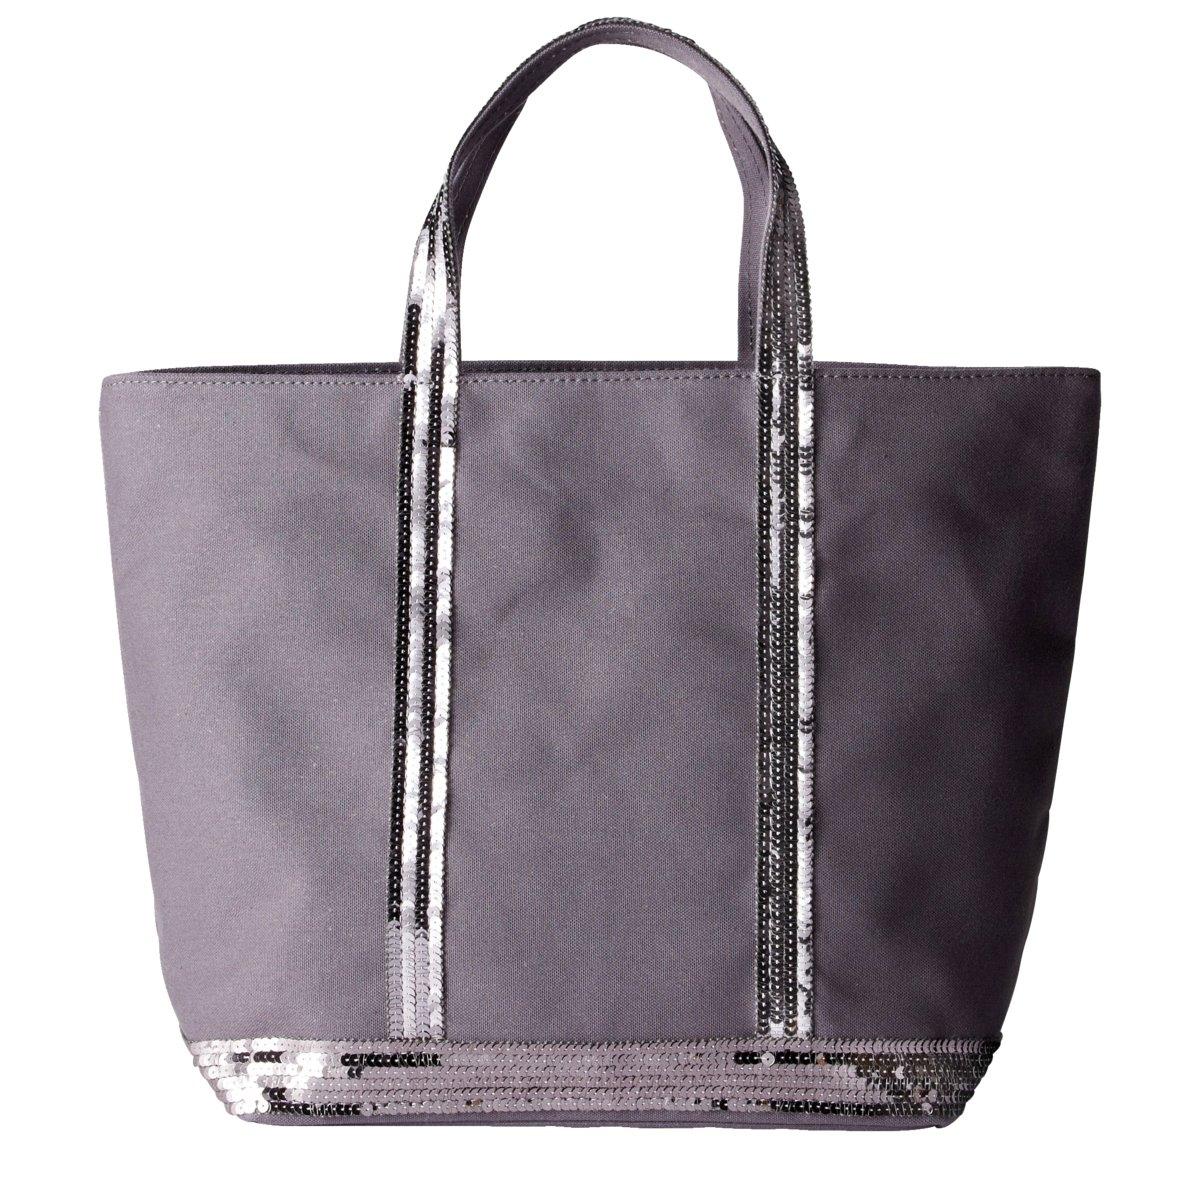 Сумка-шоппер средняя из парусины с блесткамиСредняя сумка-шоппер из парусины с блестками ATHE VANESSA BRUNO. 100% хлопок. Ручки с блестками. Внутренний карман на молнии. Размеры : 41 x 15,5 x 30 см<br><br>Цвет: антрацит,черный